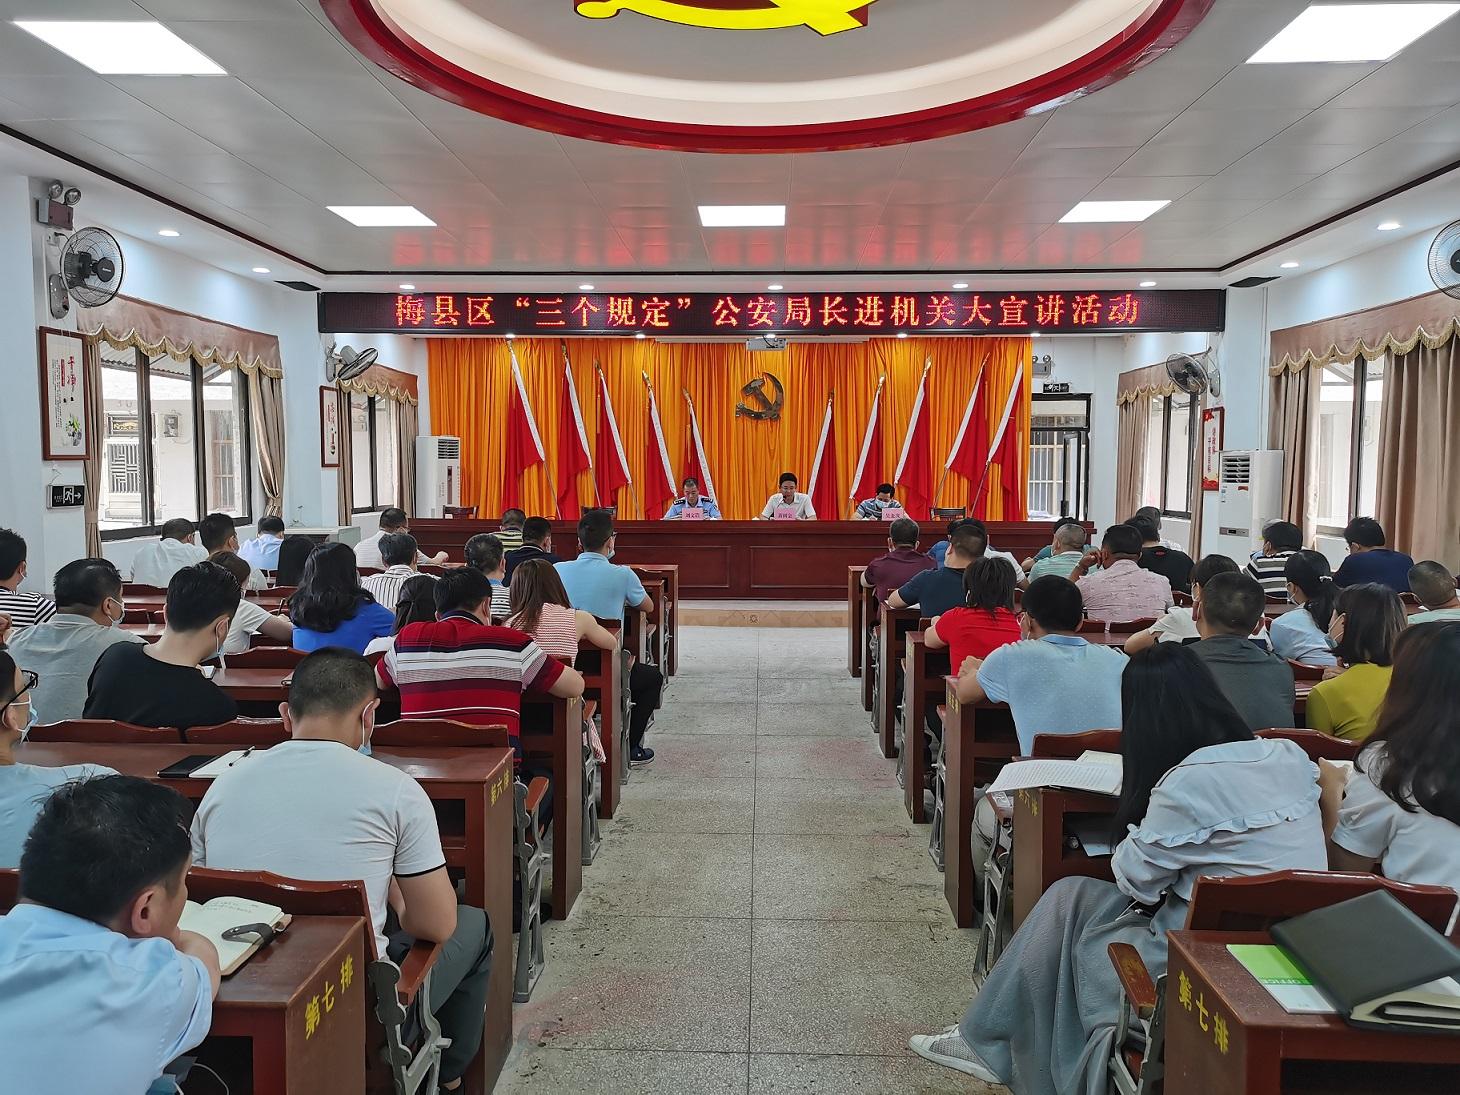 """桃尧镇召开梅县区""""三个规定""""公安局长进机关宣讲会.jpg"""